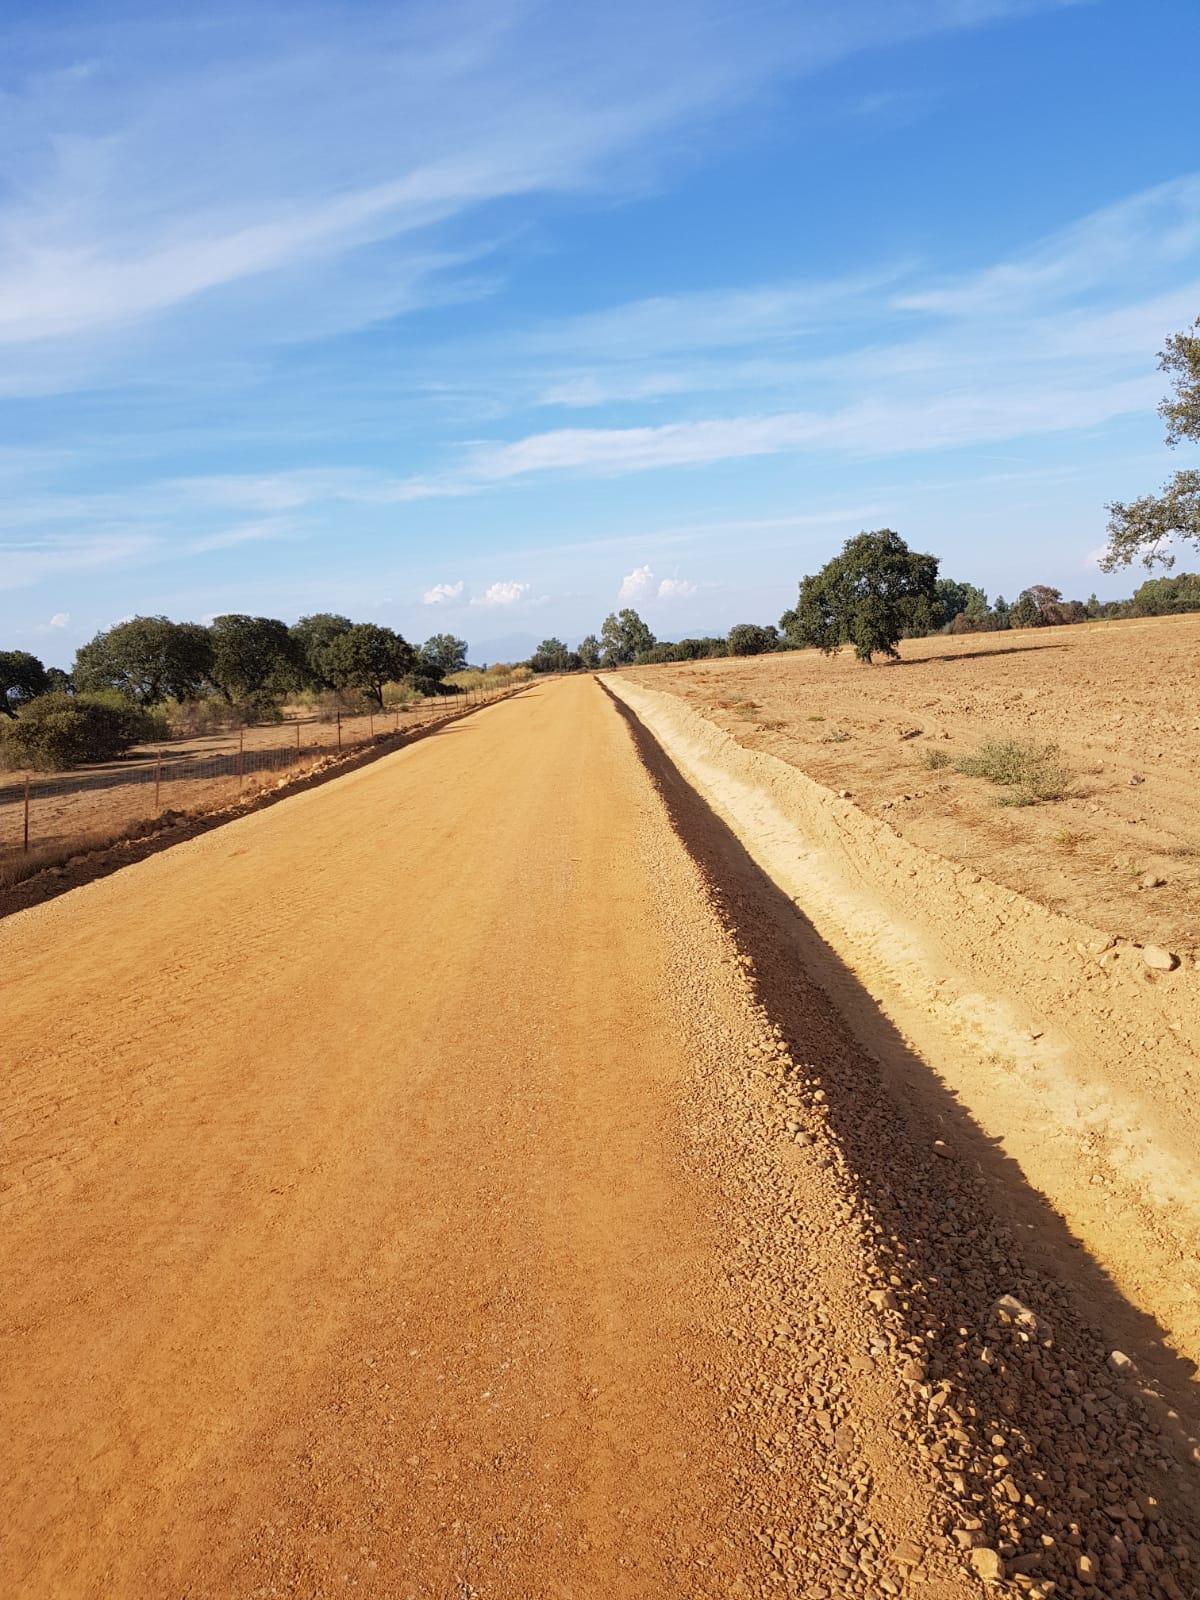 Red caminos y desagües en la zona de concentración parcelaria de Navalvillar de Pela.